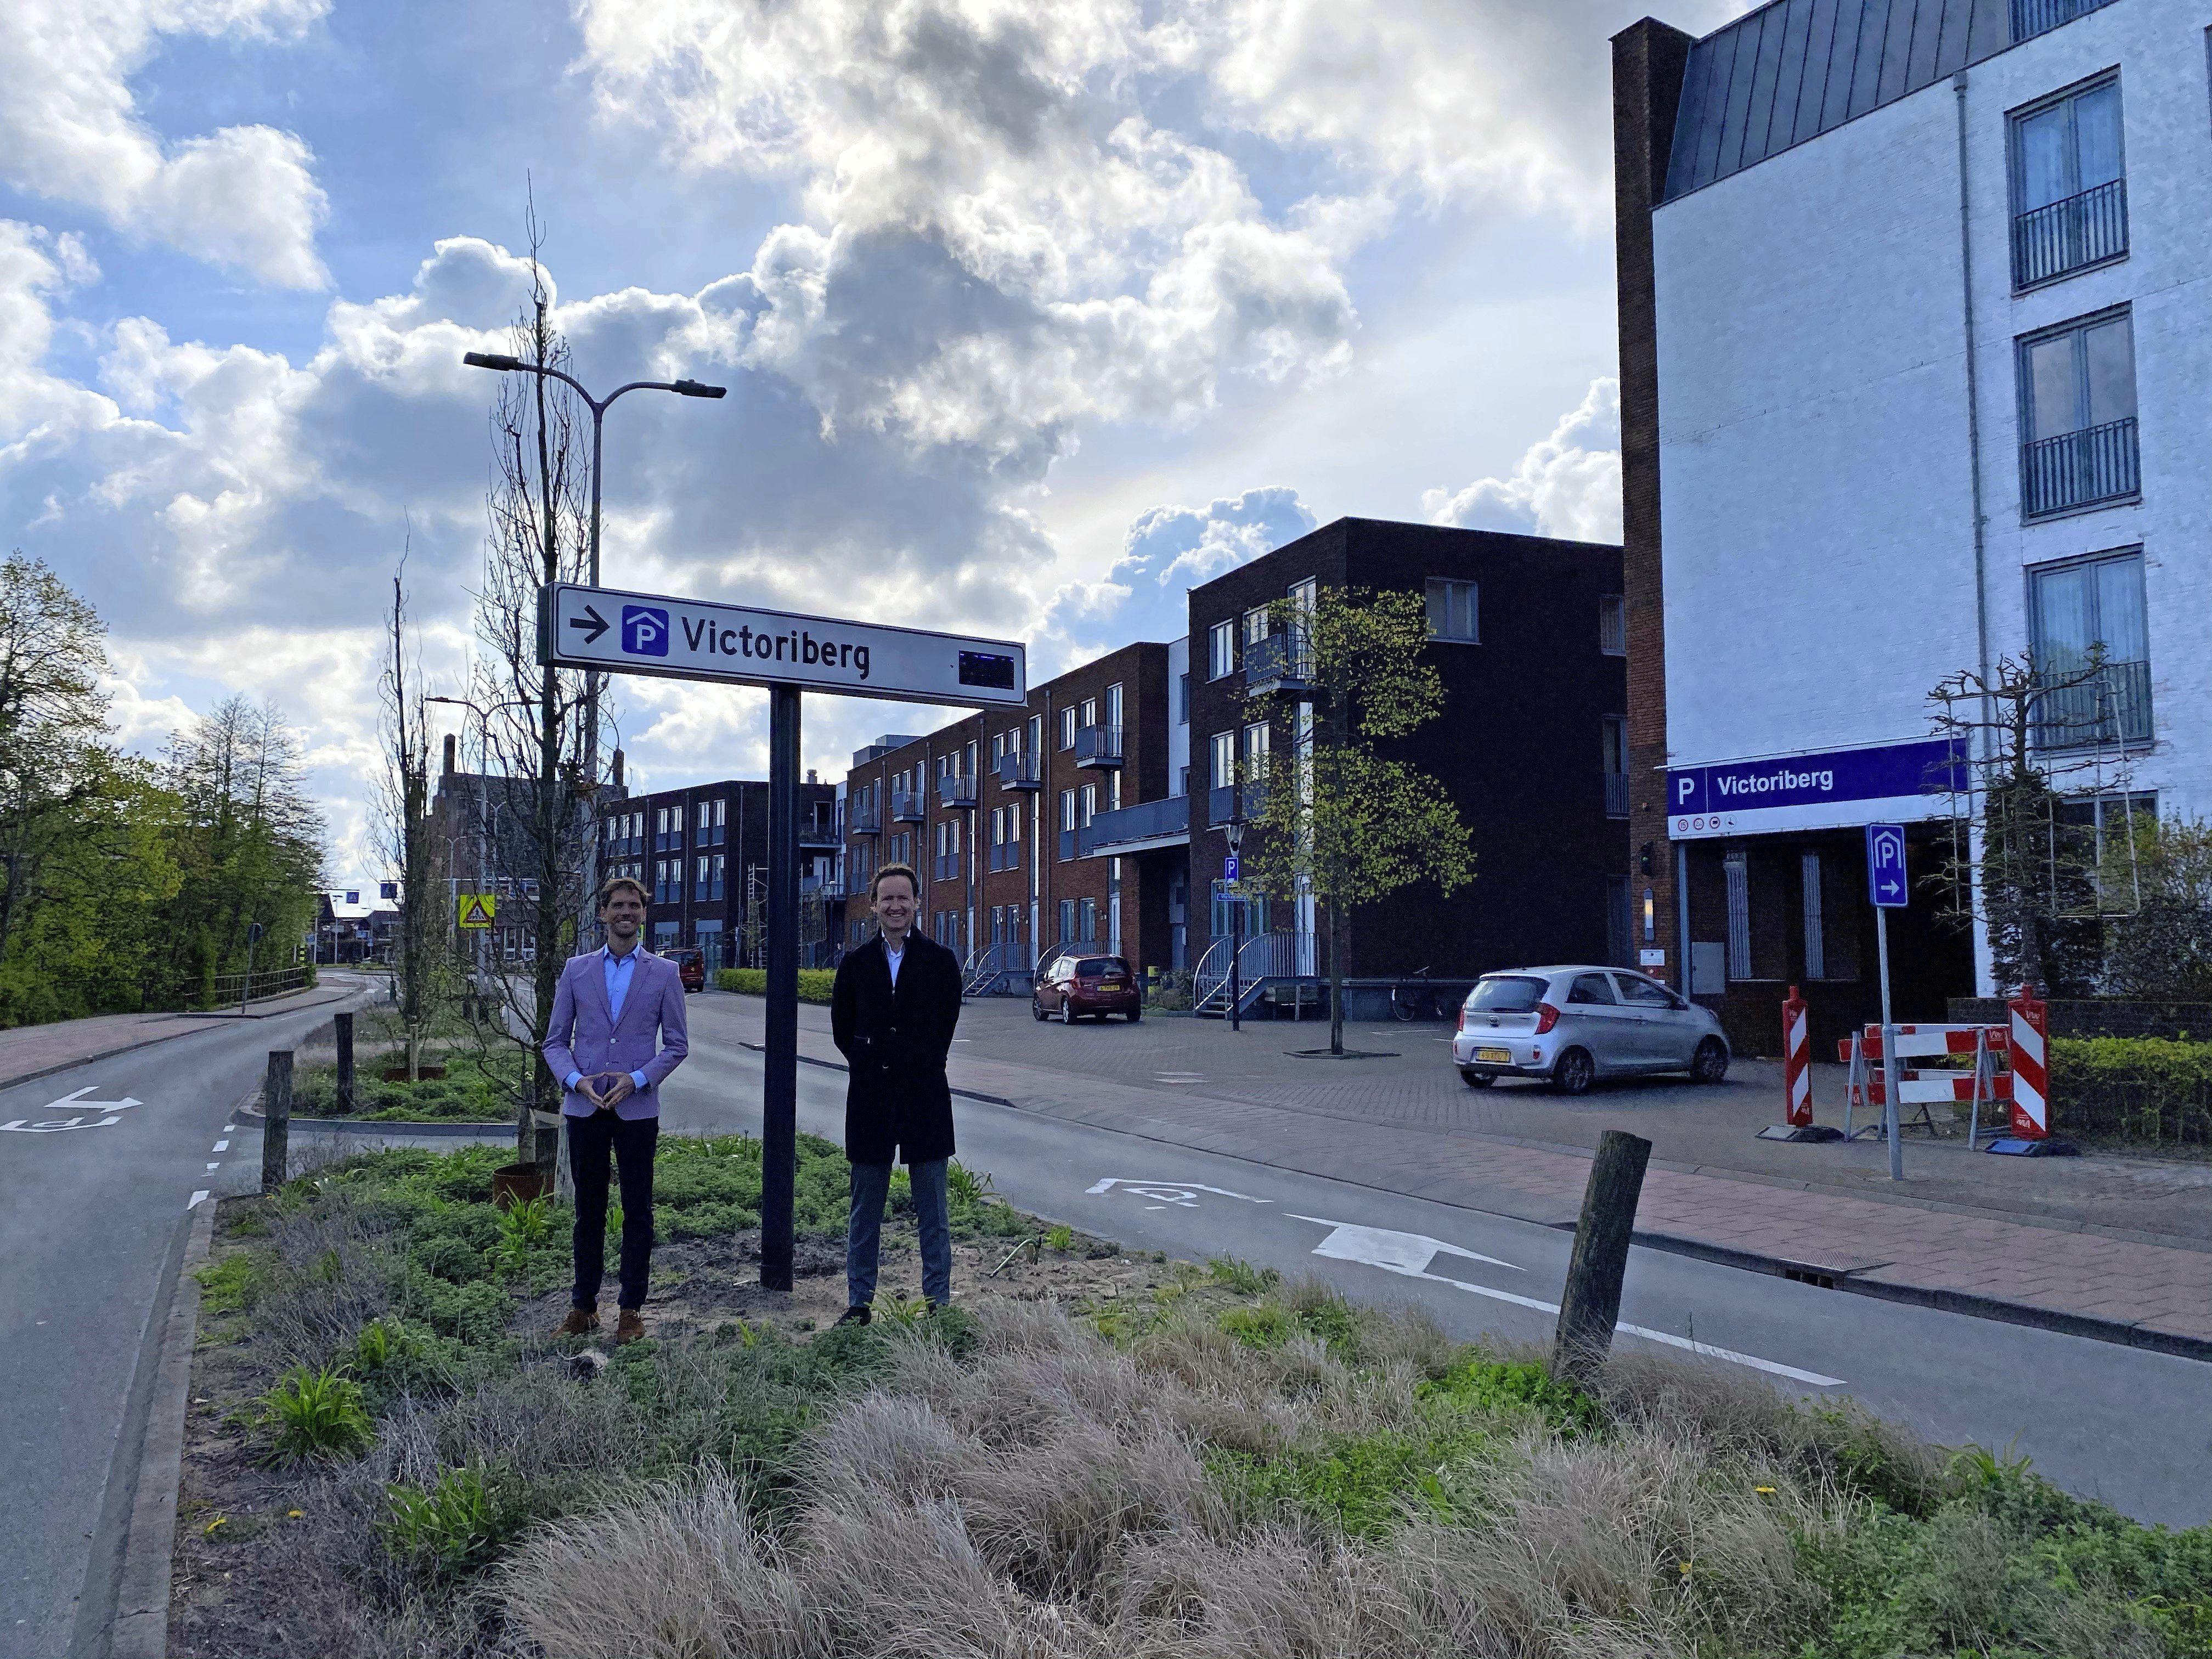 Slimme parkeersensoren voor Noordwijkerhout